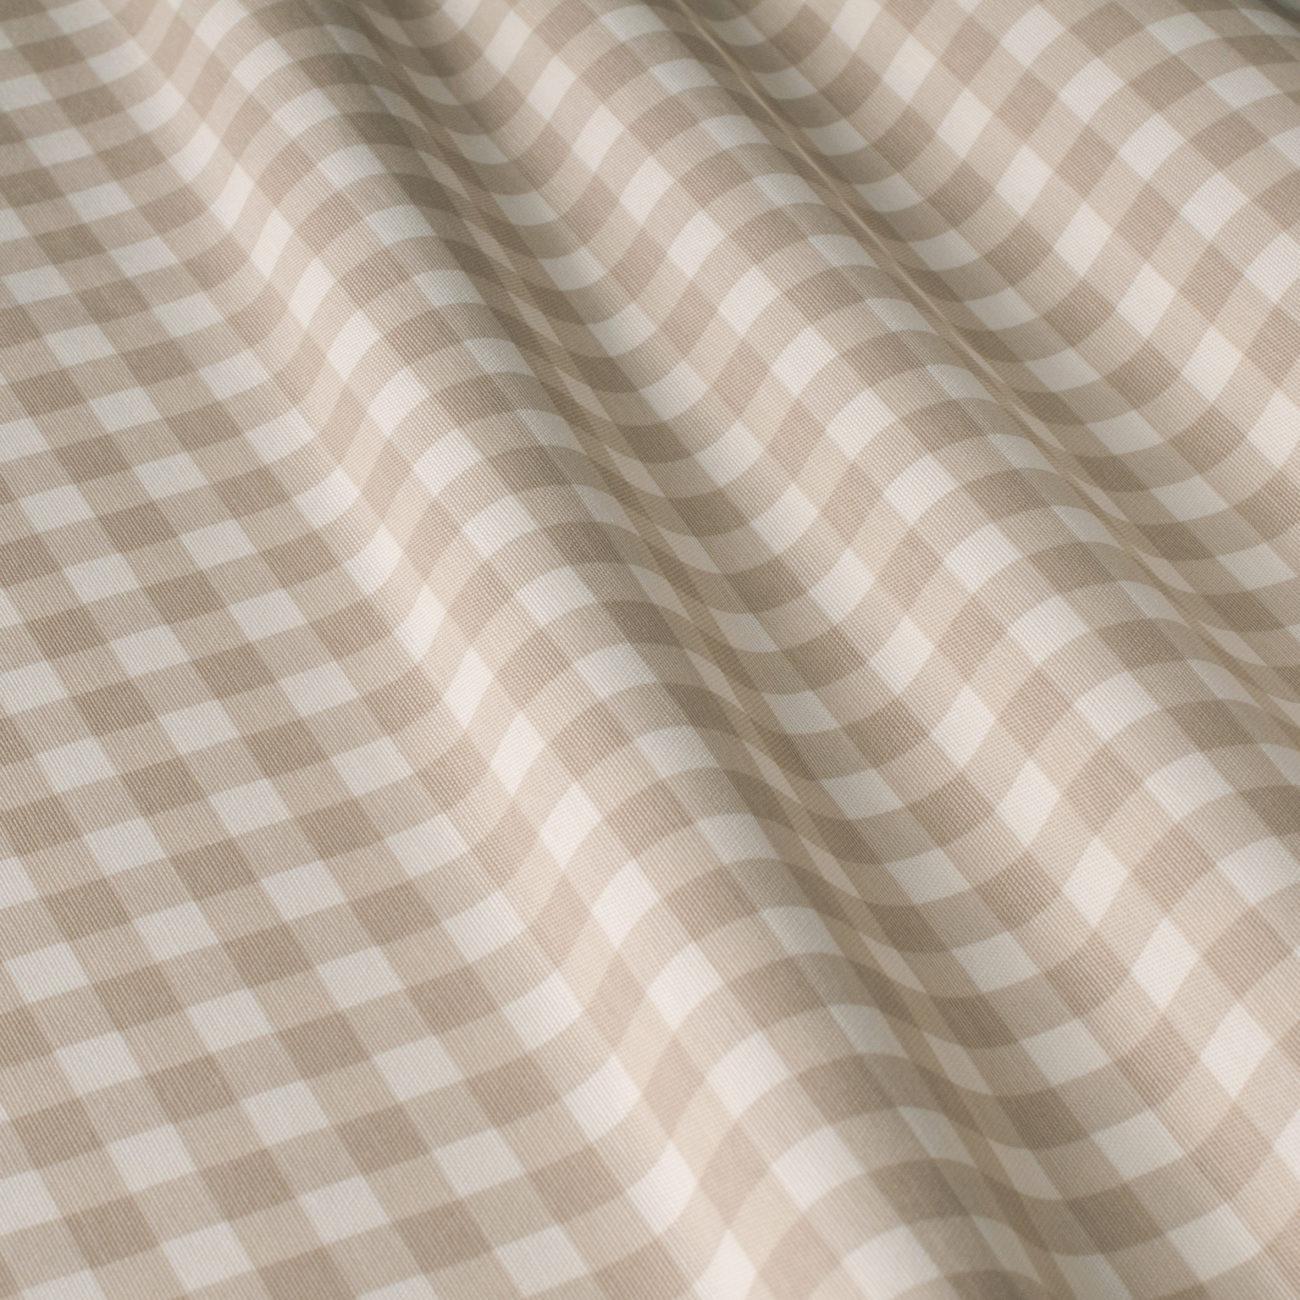 Mantel BISTROTBEIGE  Cuadrícula1,3cm VariasMedidas [porconfeccionar] [listoen5·7días]